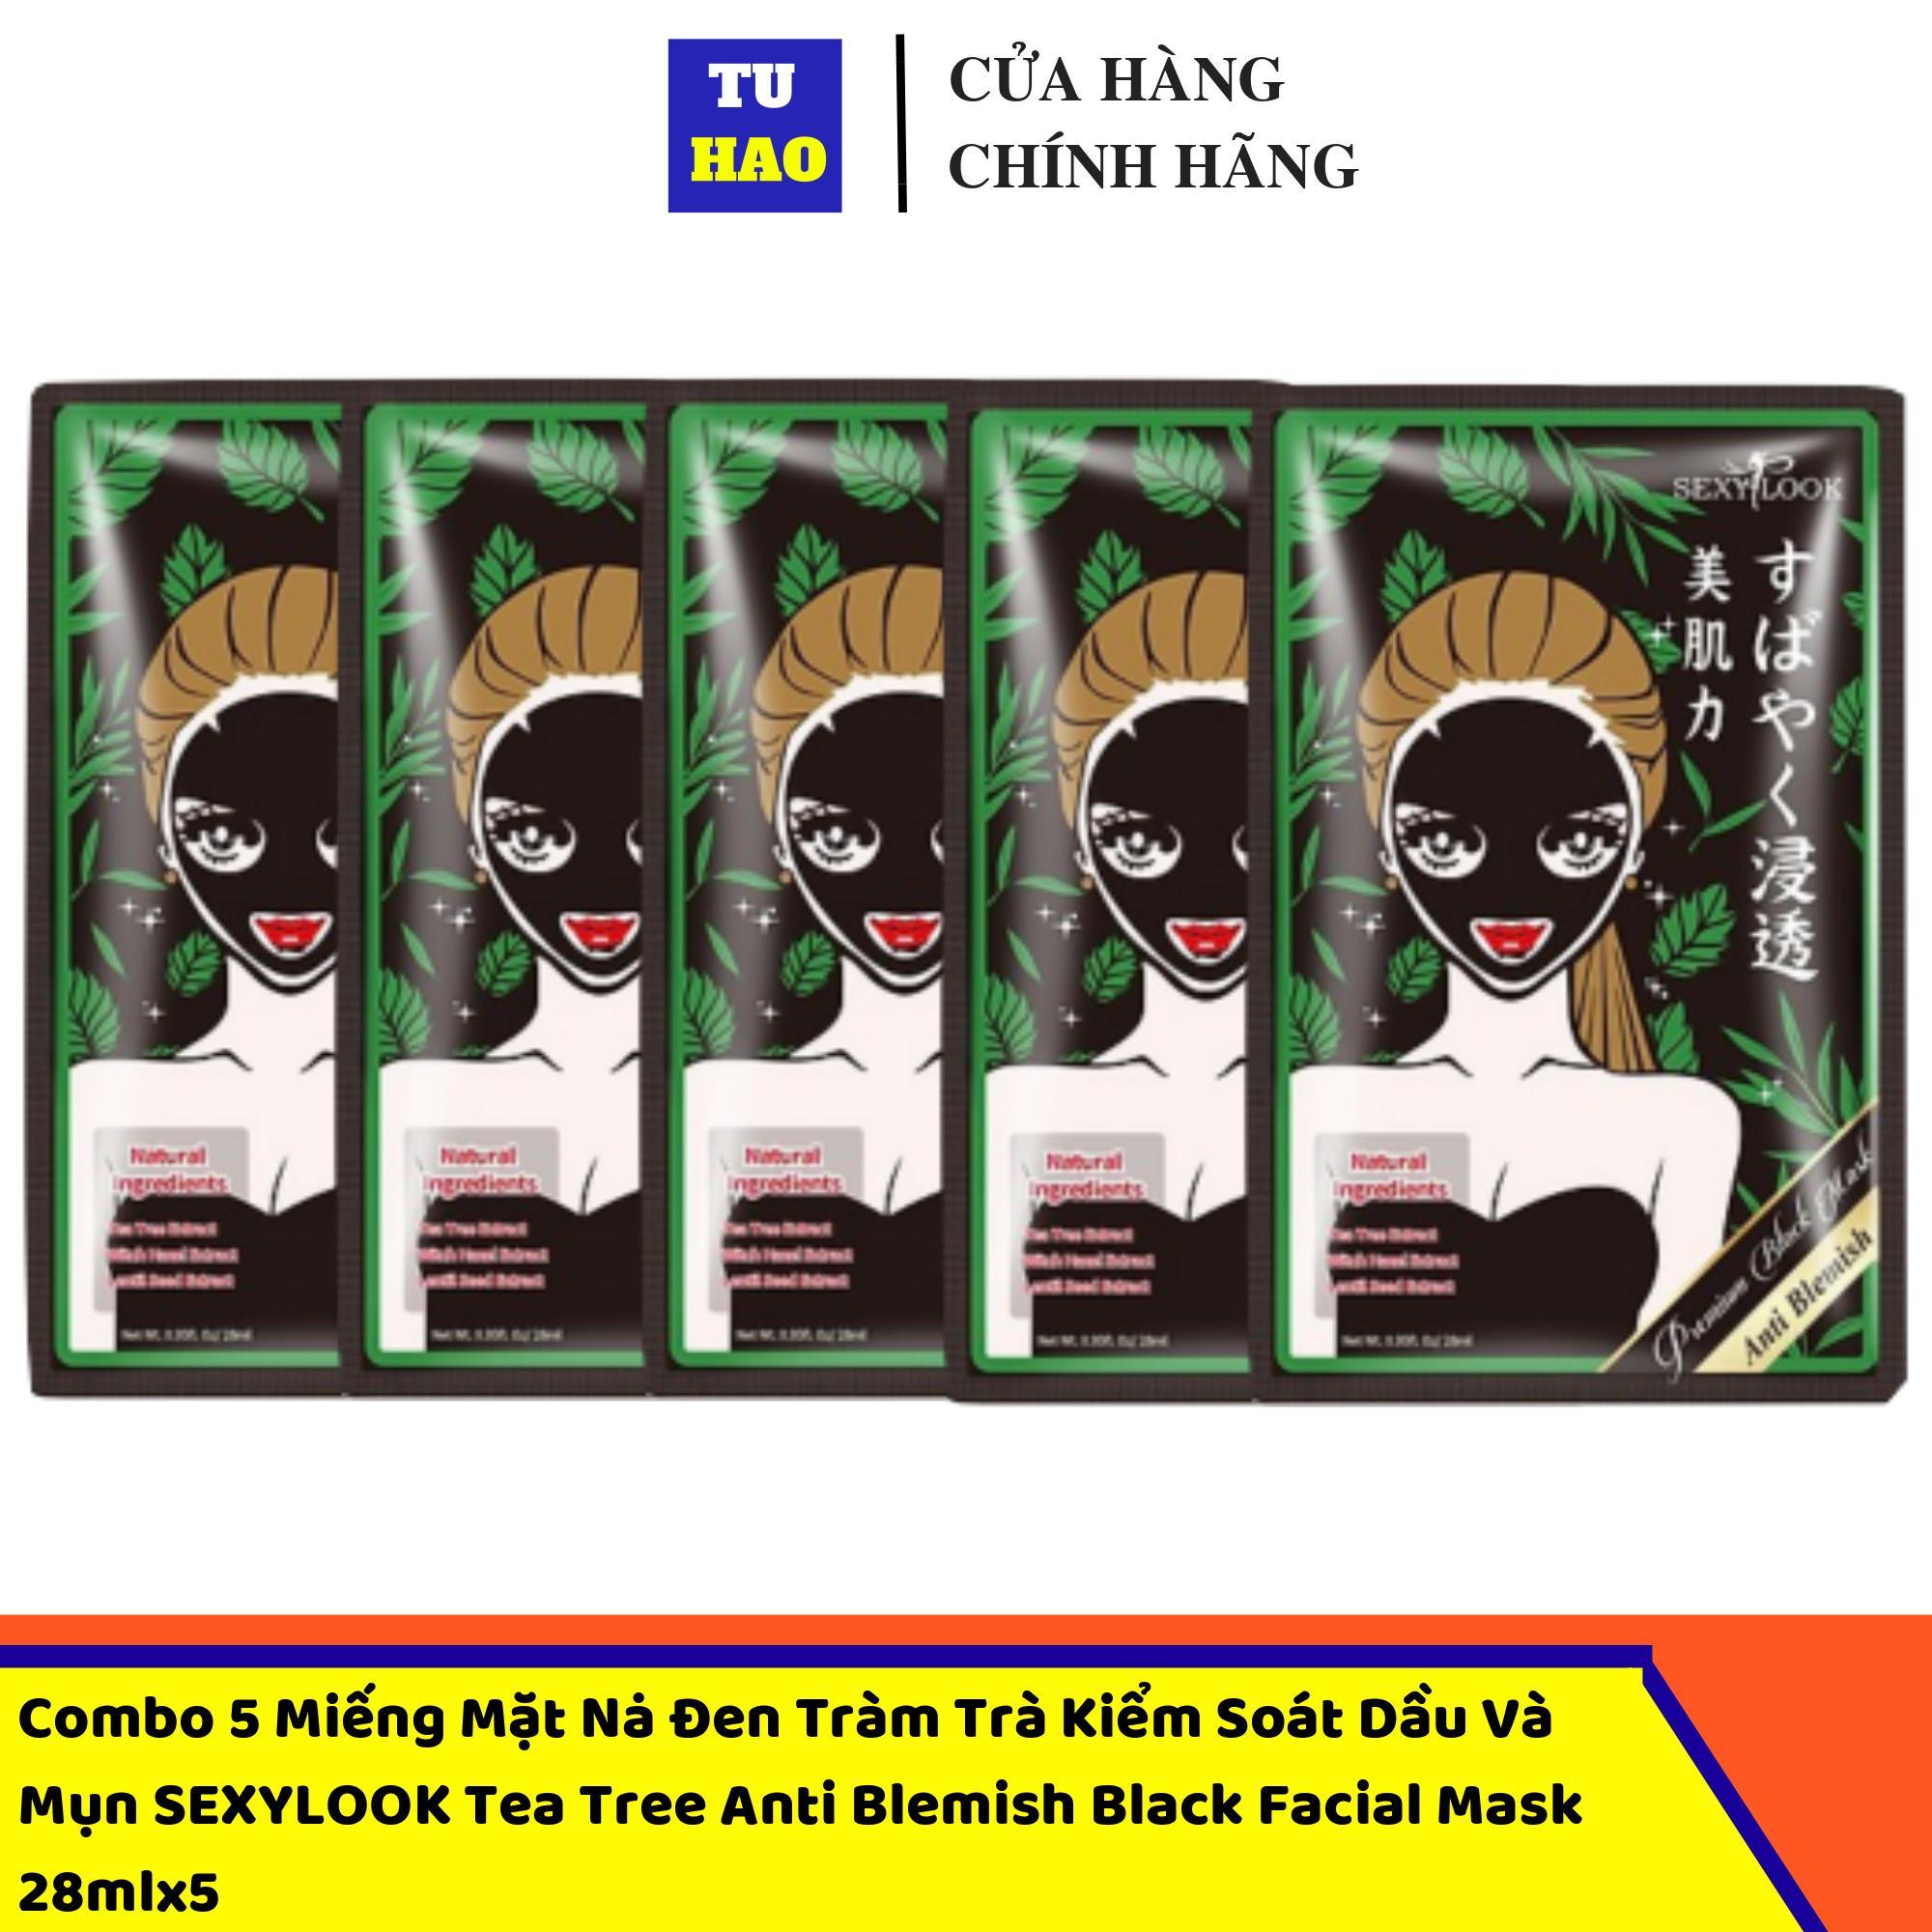 Combo 5 Miếng Mặt Nạ Đen Tràm Trà Sexylook Kiểm Soát Dầu Và Mụn Tea Tree Anti Blemish Black Facial Mask cao cấp